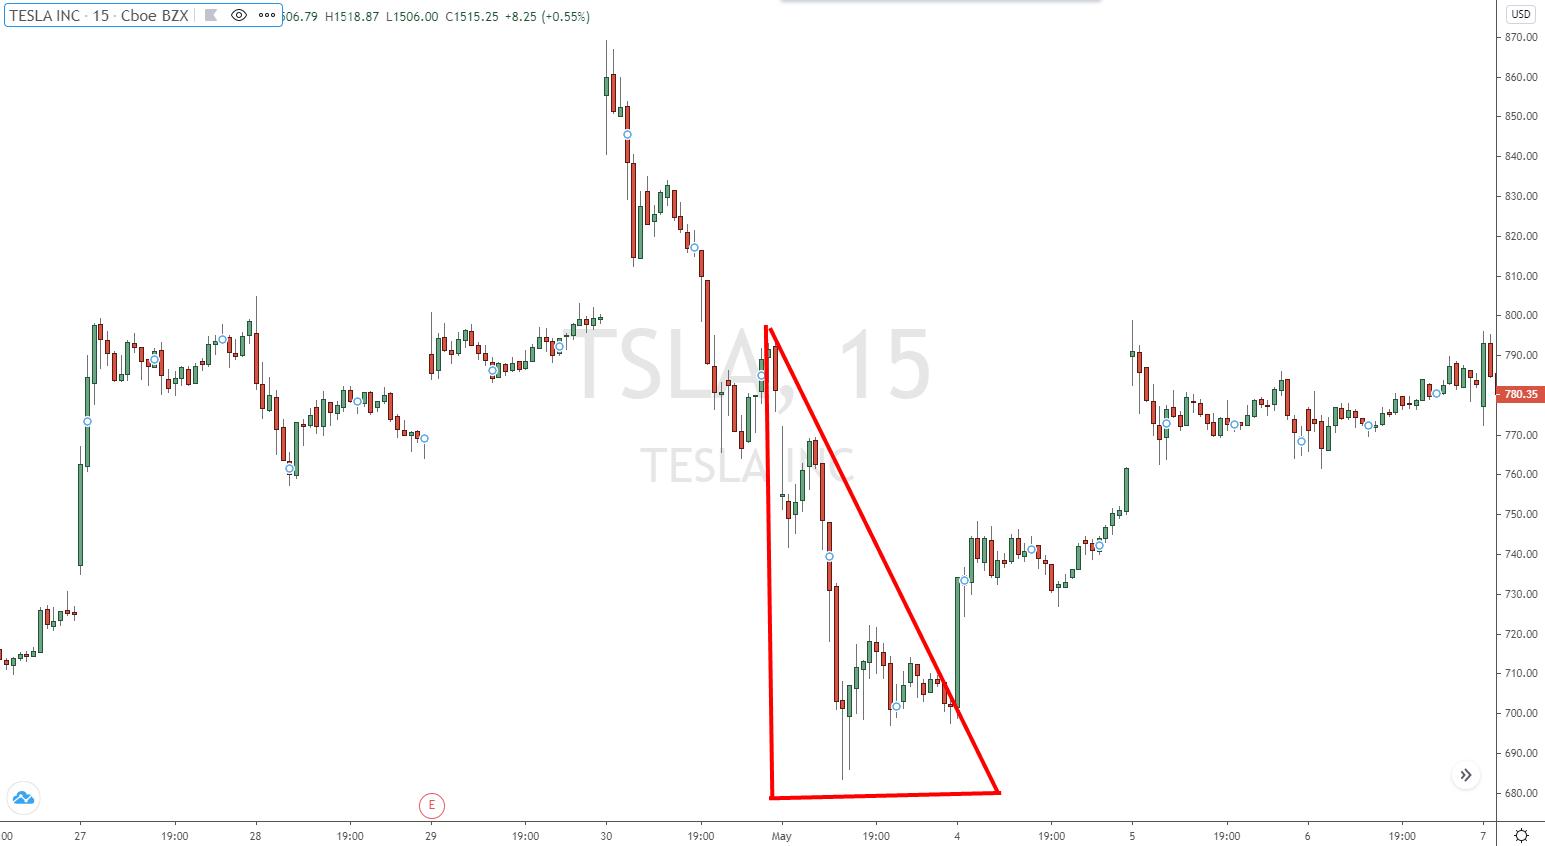 Absteigendes Dreieck im Teslachart